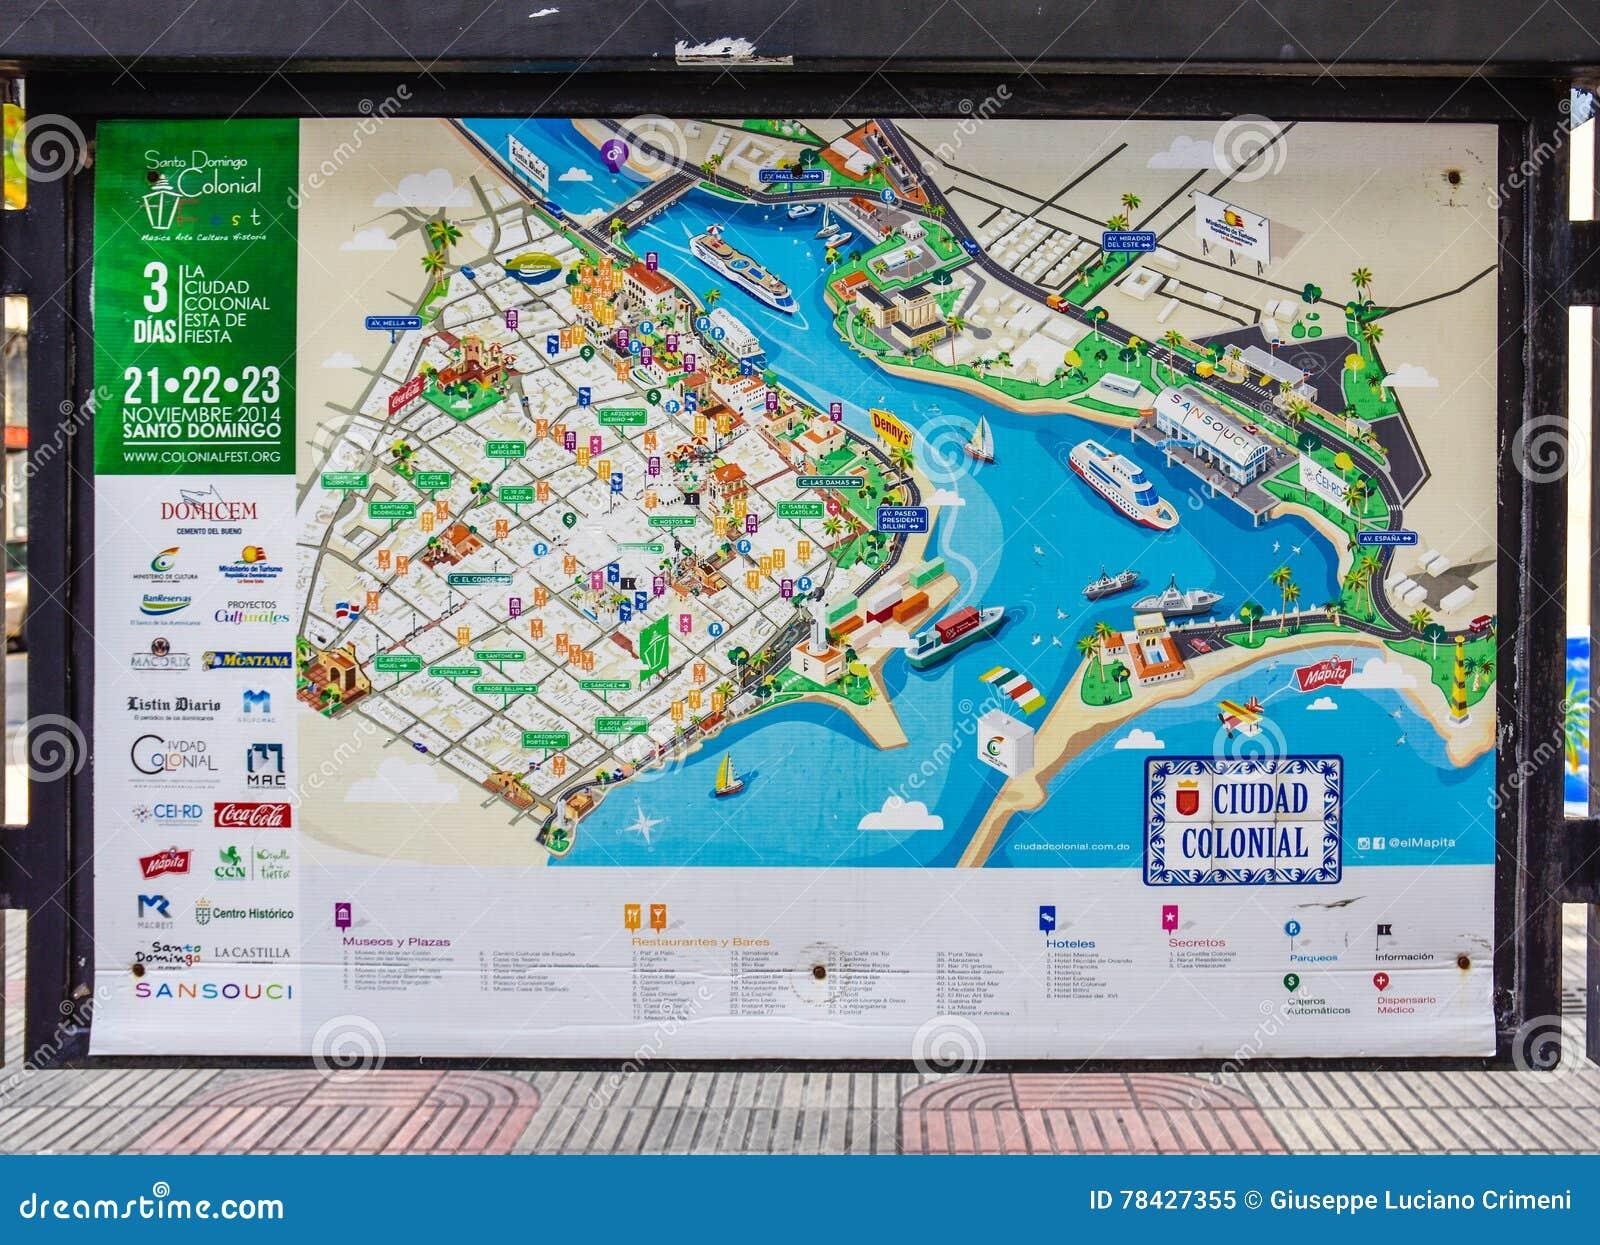 Santo Domingo Dominican Republic Map Of Colonial City In Calle - Dominican republic cities map